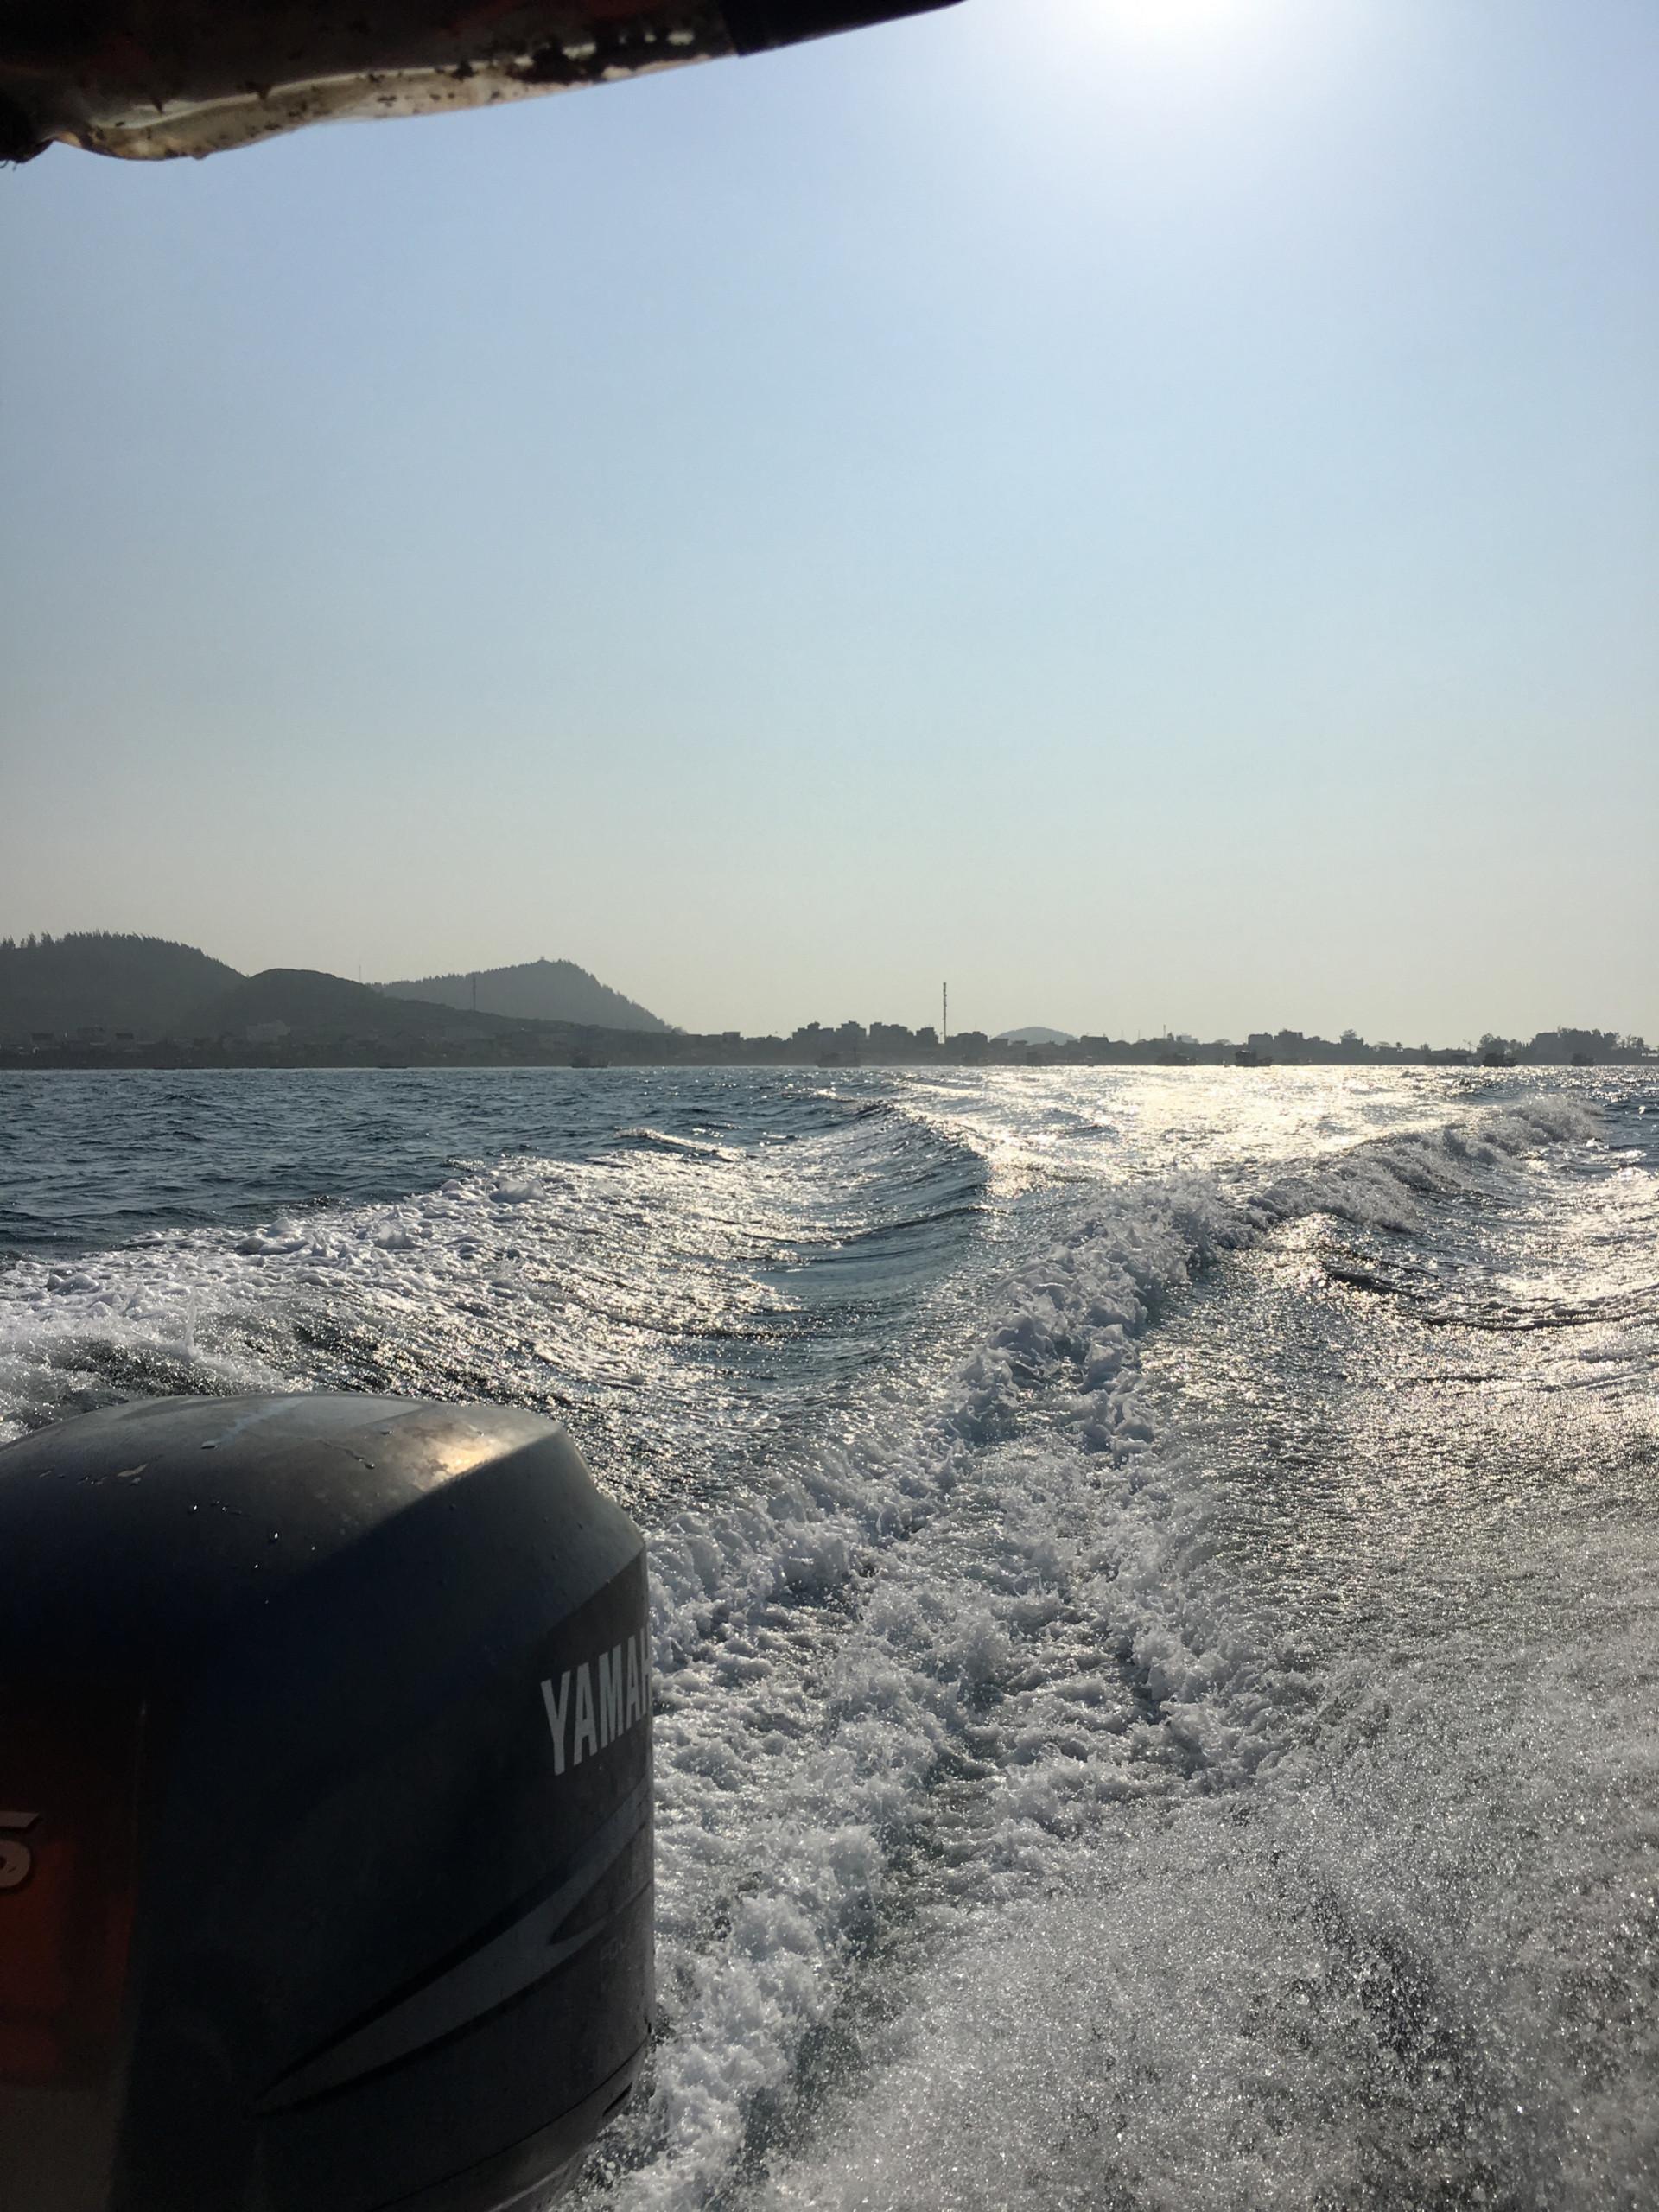 Cano lướt nhanh rẽ đôi mặt biển